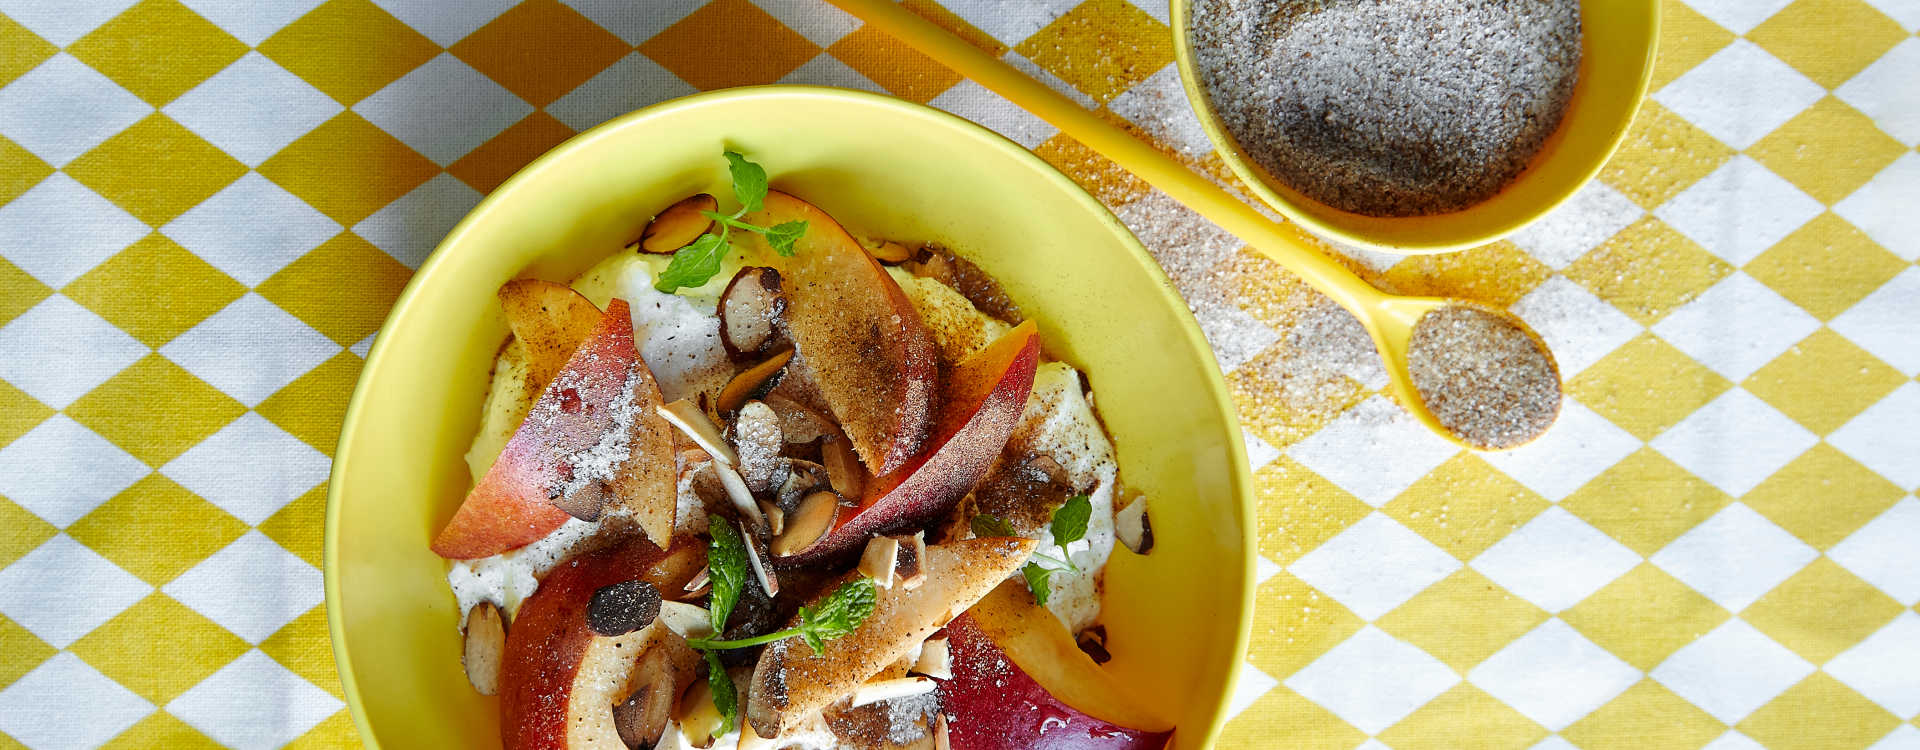 Yoghurt med moreller, nektariner, mandler og kryddersukker